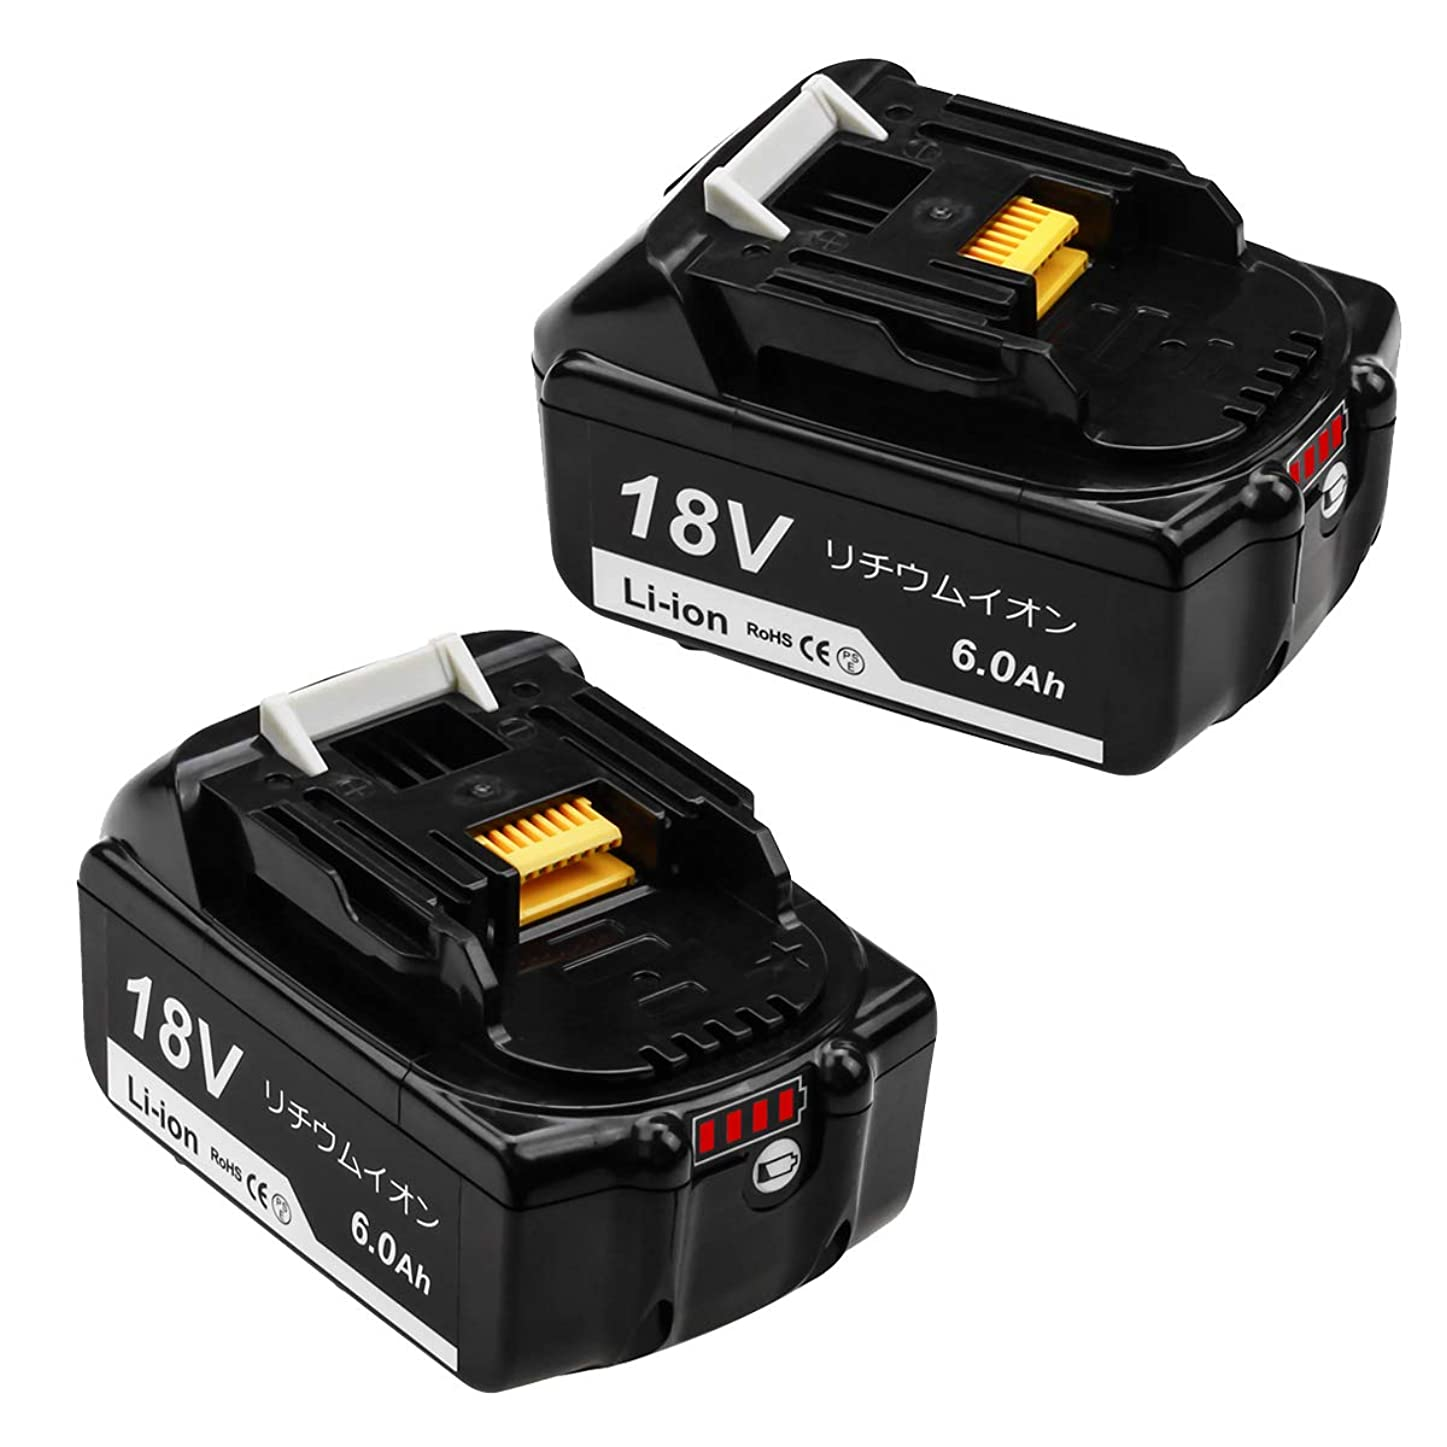 庭園の間に無限大Gatopower マキタ 18v バッテリー bl1860b マキタ バッテリー18v マキタ 6.0Ah バッテリー マキタ 互換バッテリーBL1830 BL1840 BL1850 BL1860 BL1830b BL1840b BL1850b BL1860b マキタ 18v 互換バッテリー6000mAh 18vマキタバッテリー リチウムイオン 電動工具用 LED残量表示+自己故障診断搭載 一年品質保証 「2個セット 」